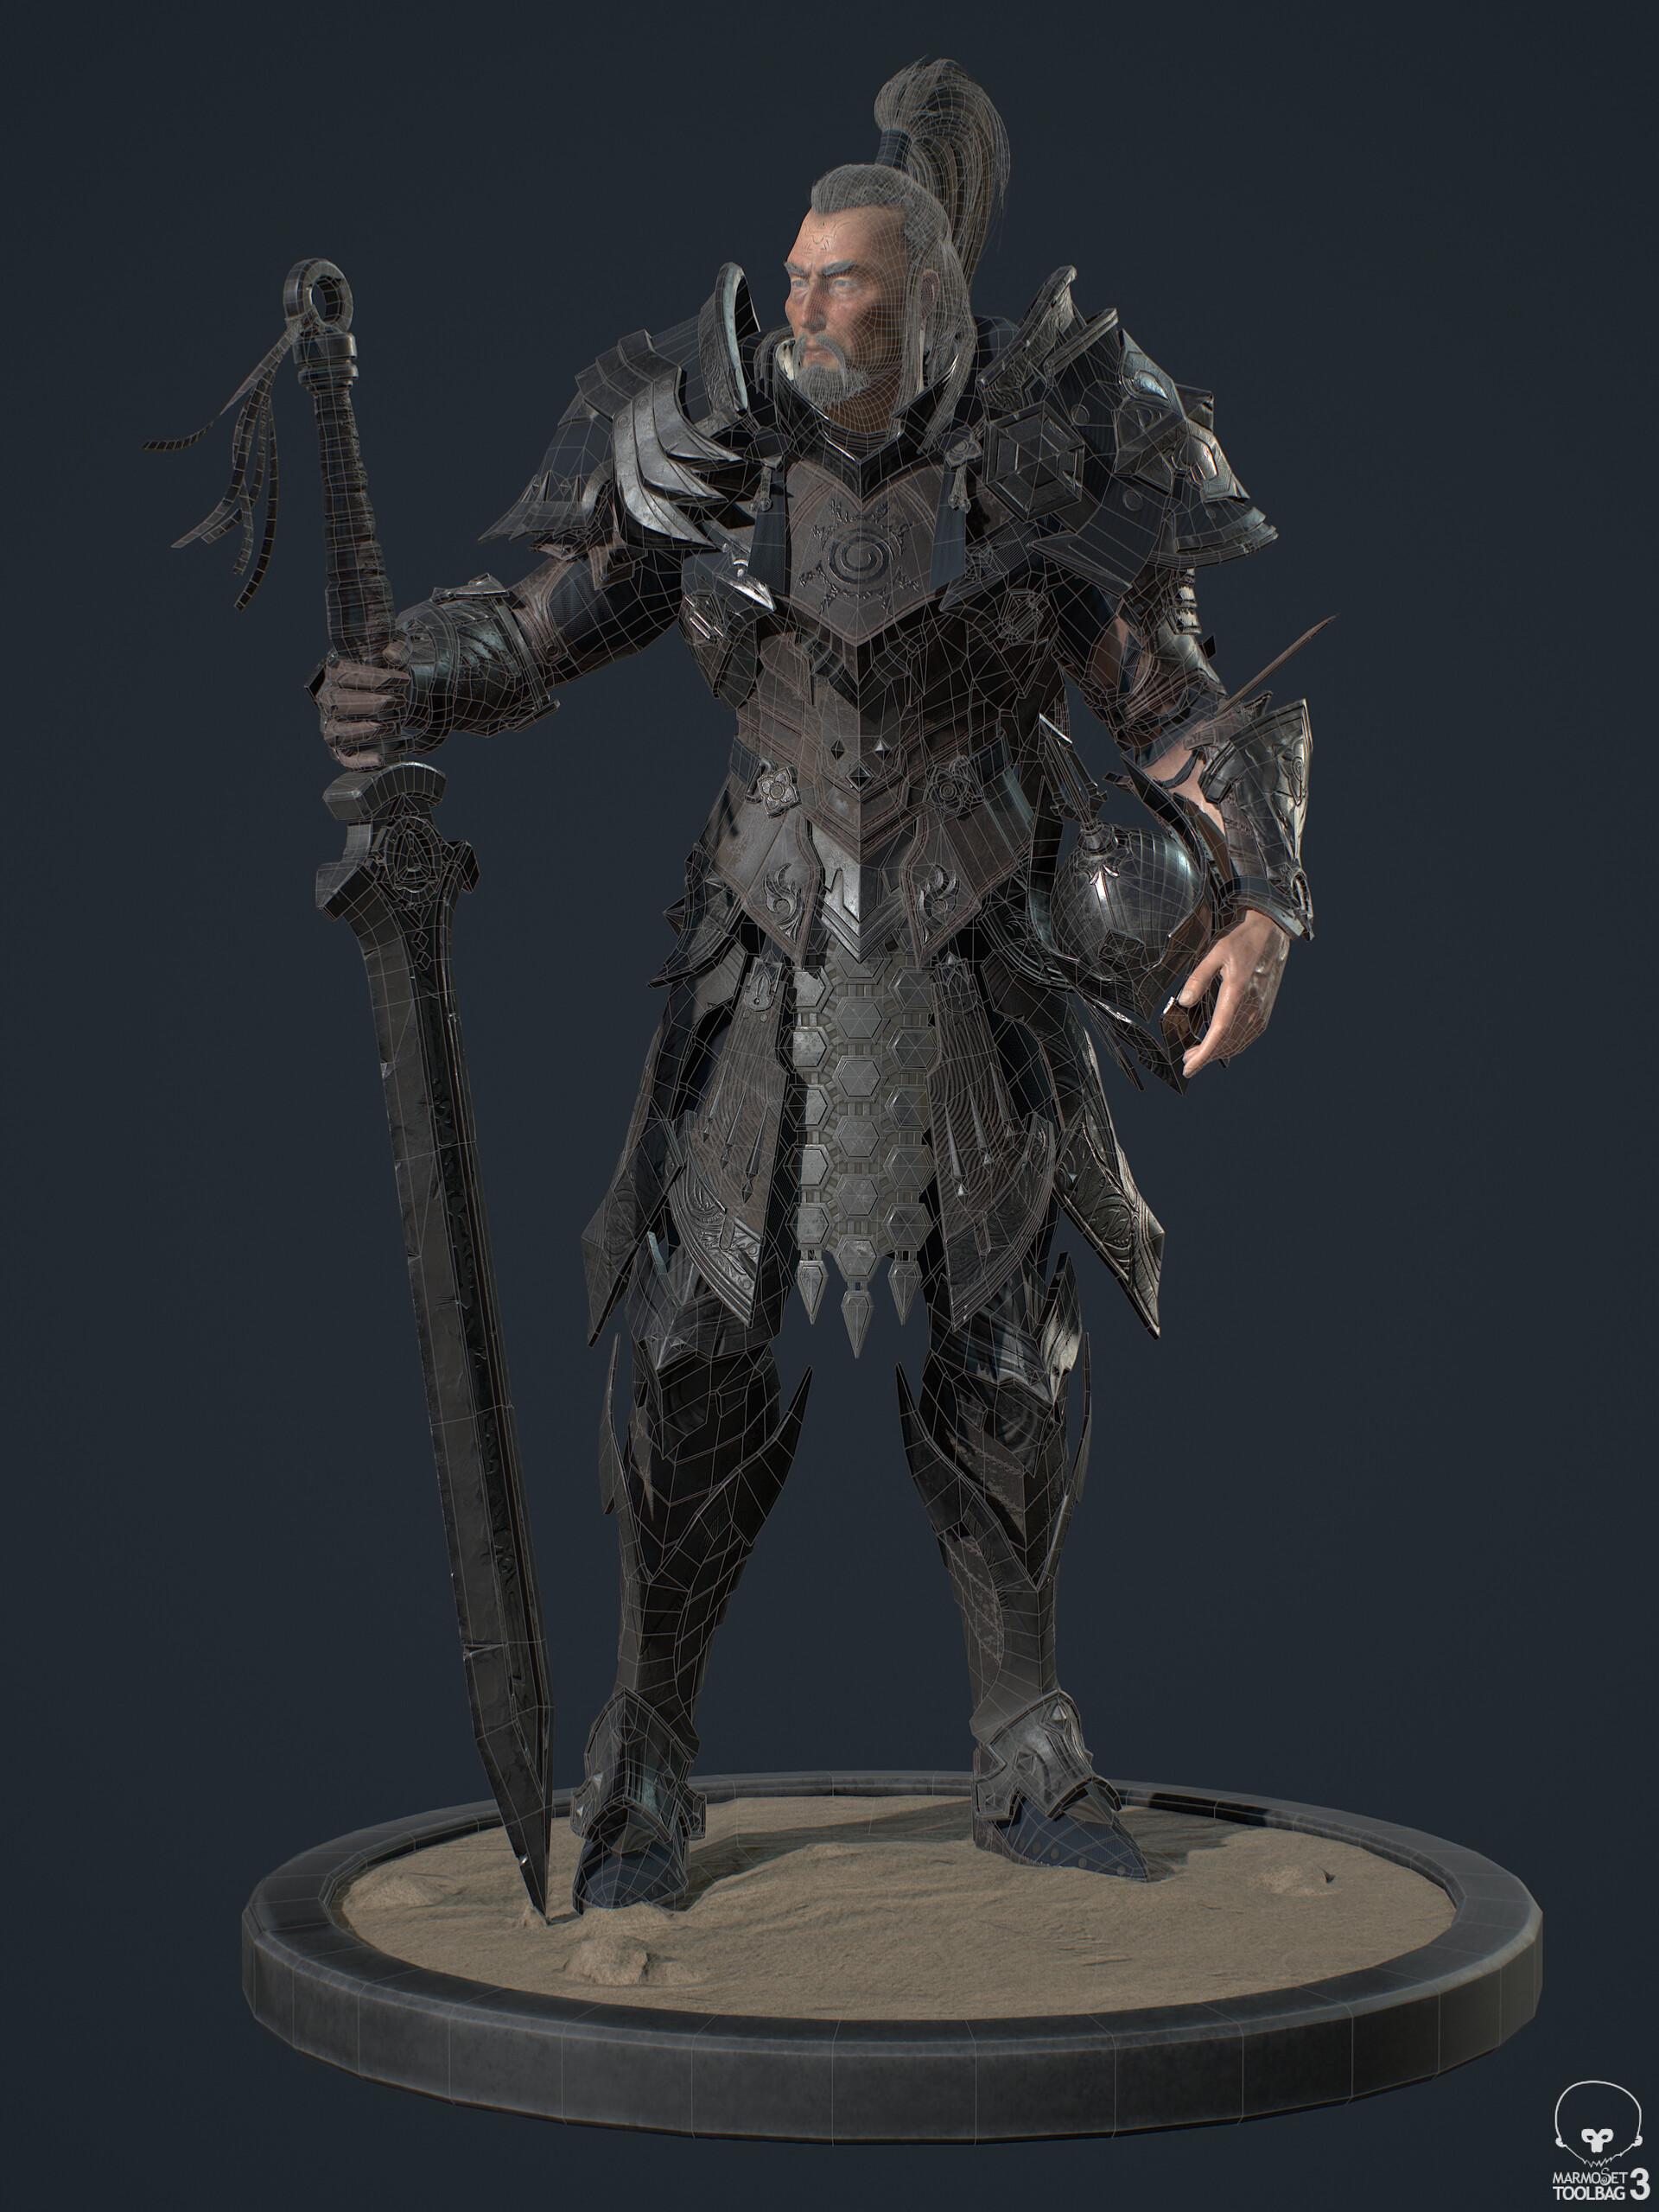 Khalkha次世代角色模型下载。精品首发